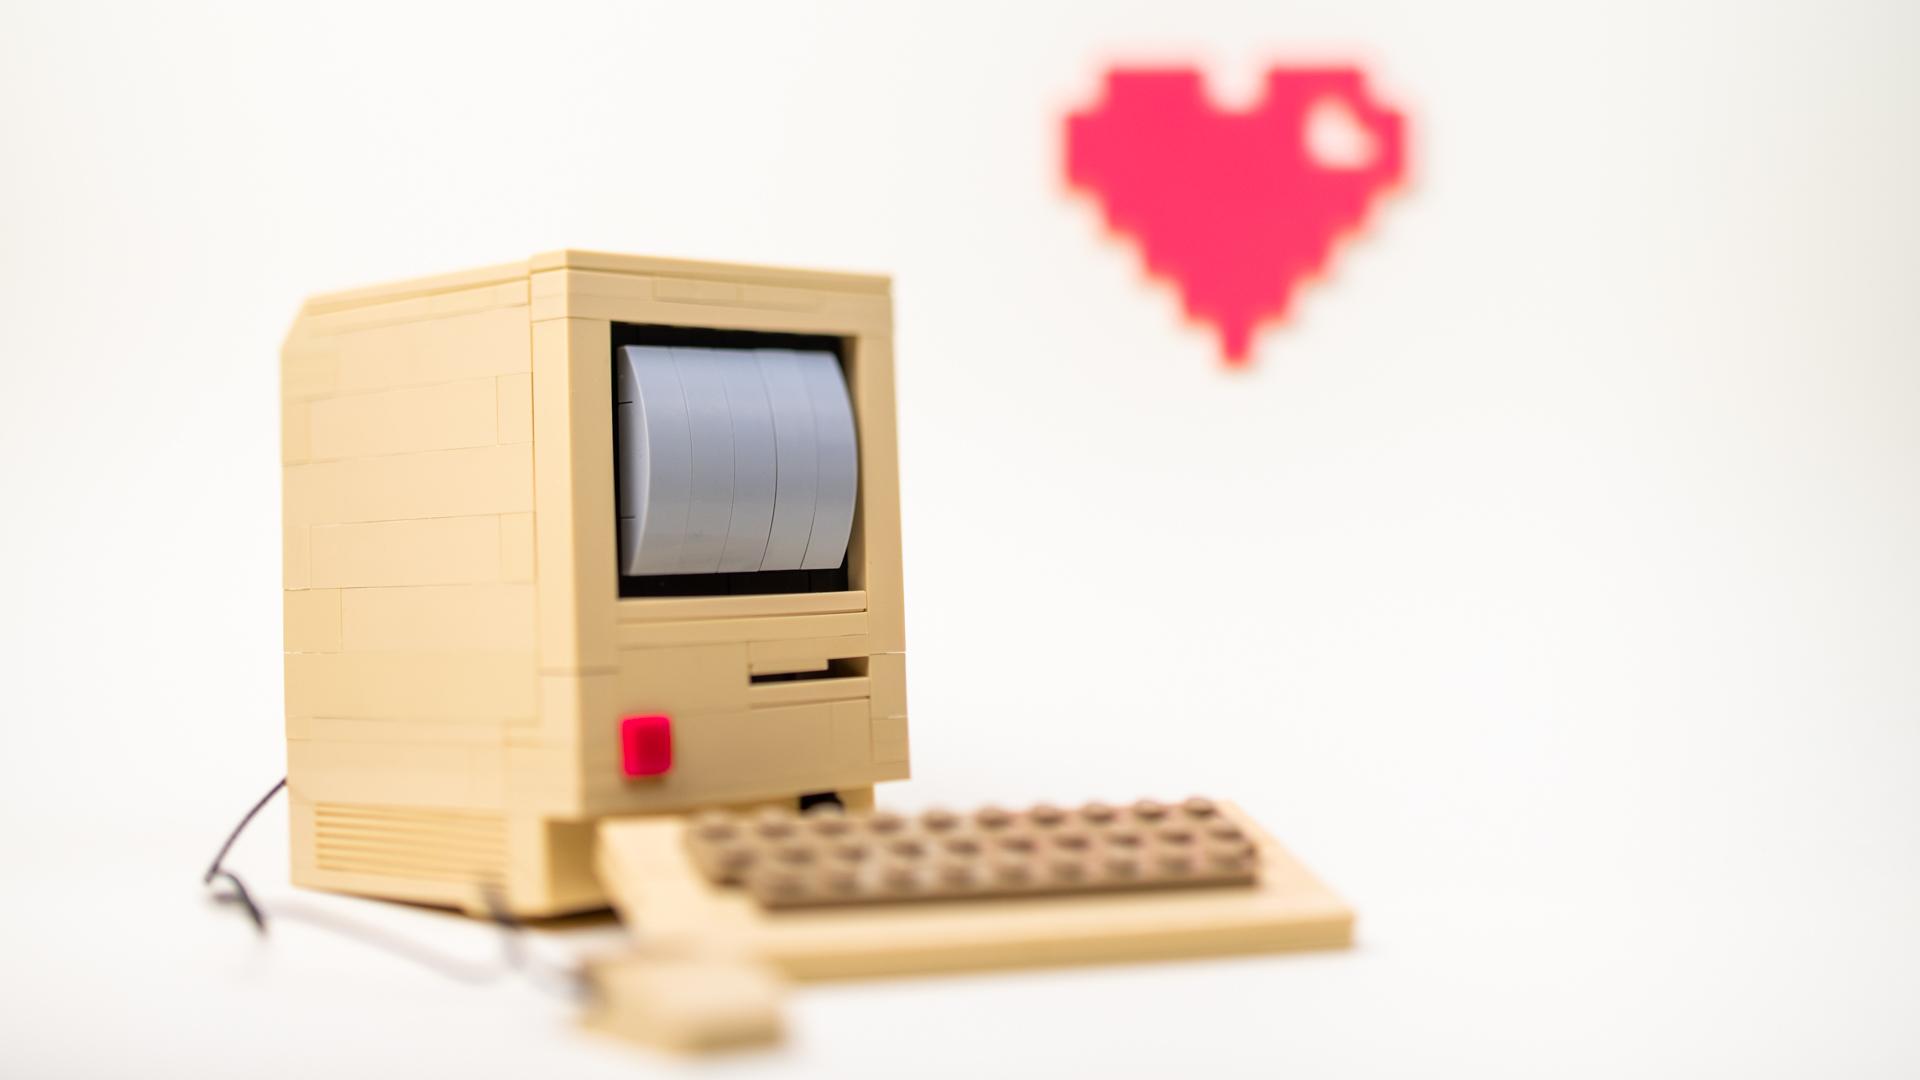 Dator av lego och pixelhjärta.